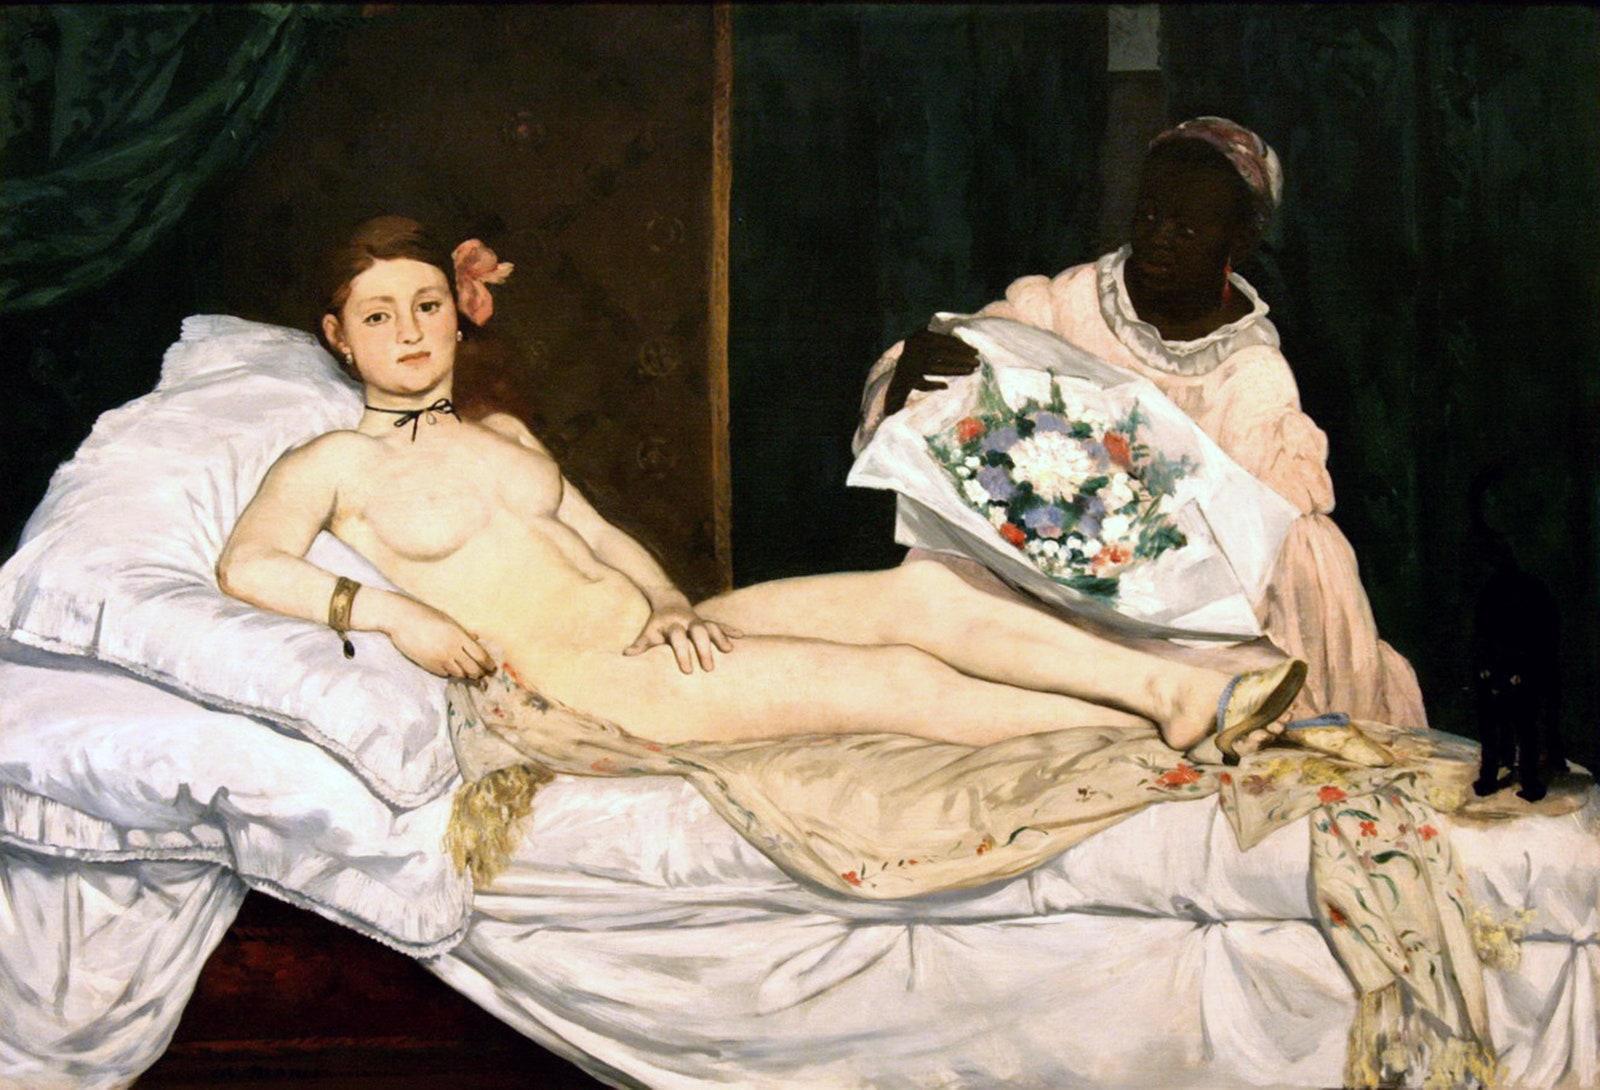 Kiệt tác cô gái khỏa thân quyến rũ trên giường vừa thiêu đốt ánh nhìn vừa gây choáng váng người xem - Ảnh 1.